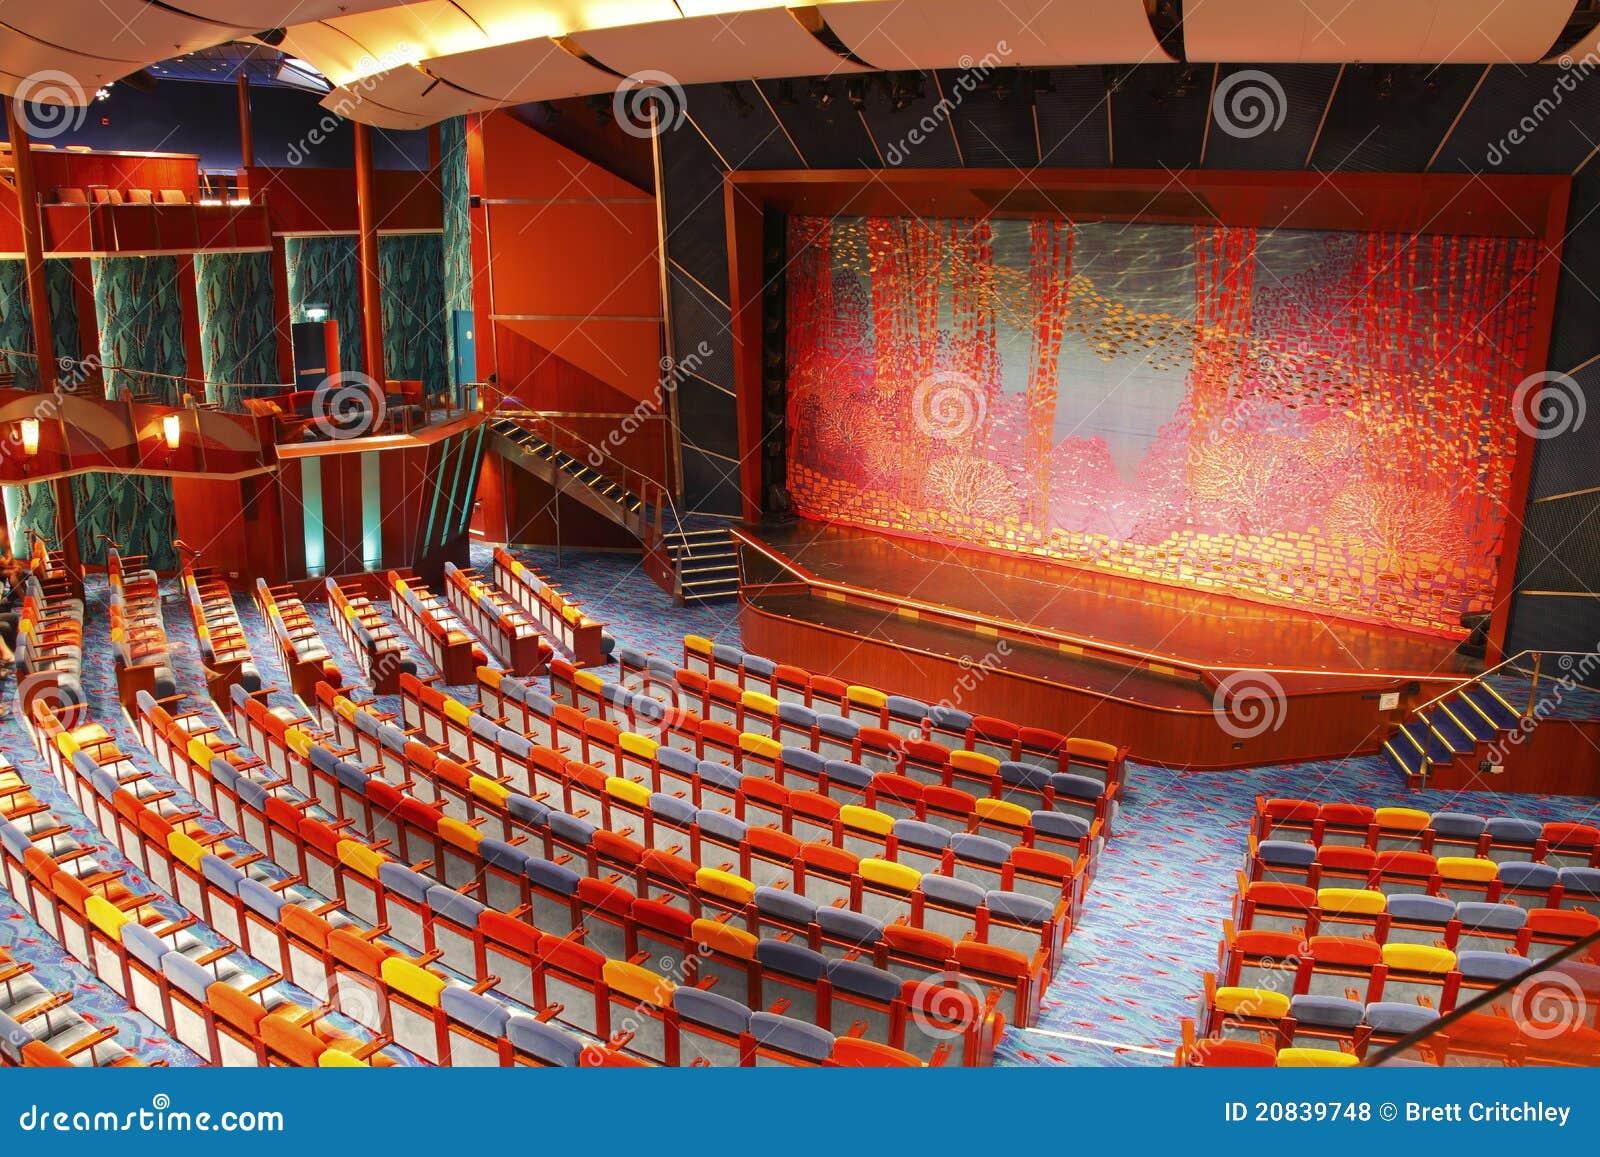 Dramastufetheater